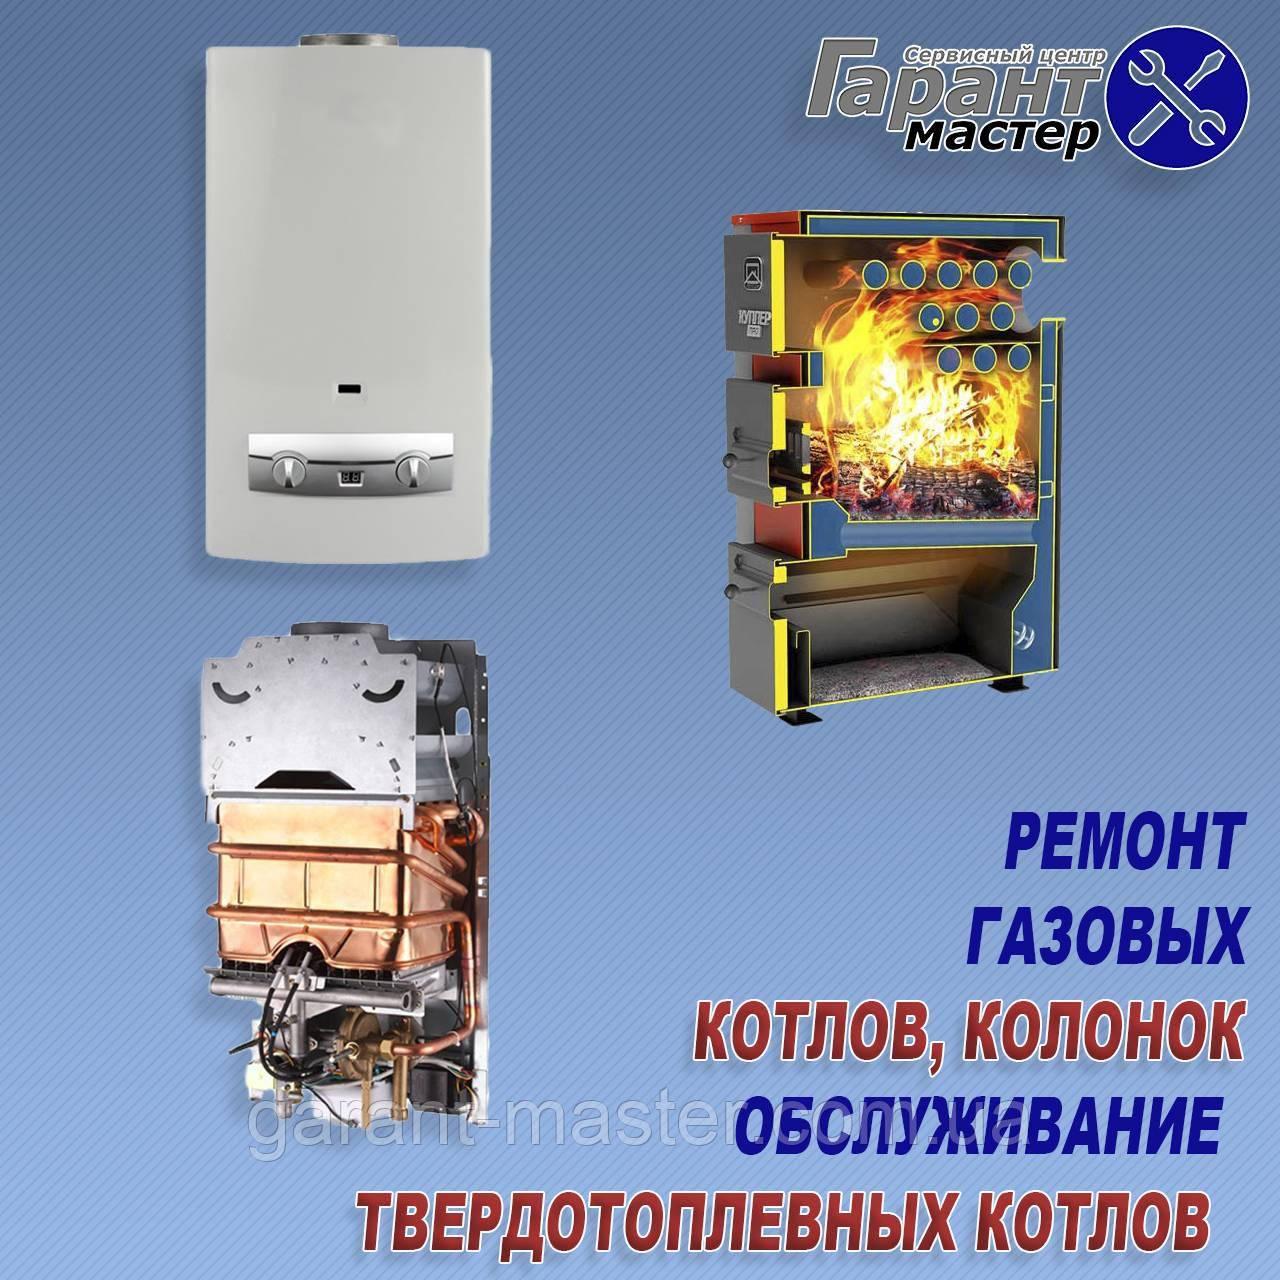 Техническое обслуживание газовых котлов на дому в Харькове и области